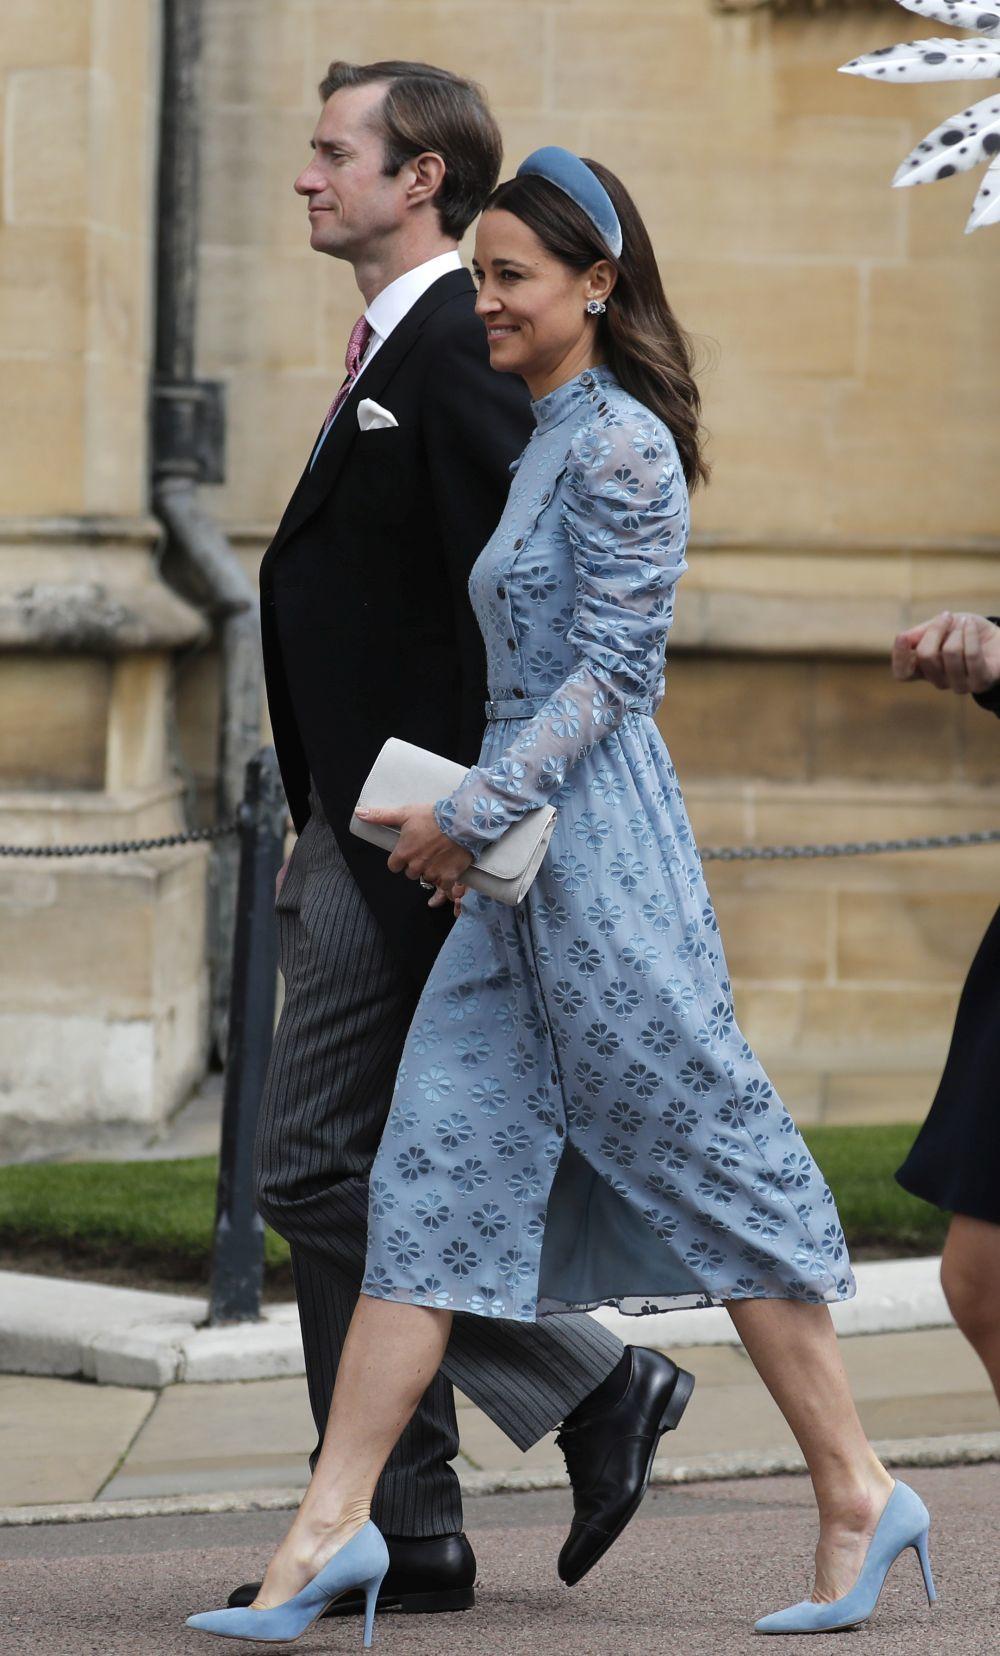 El look de invitada de Pippa Middleton.